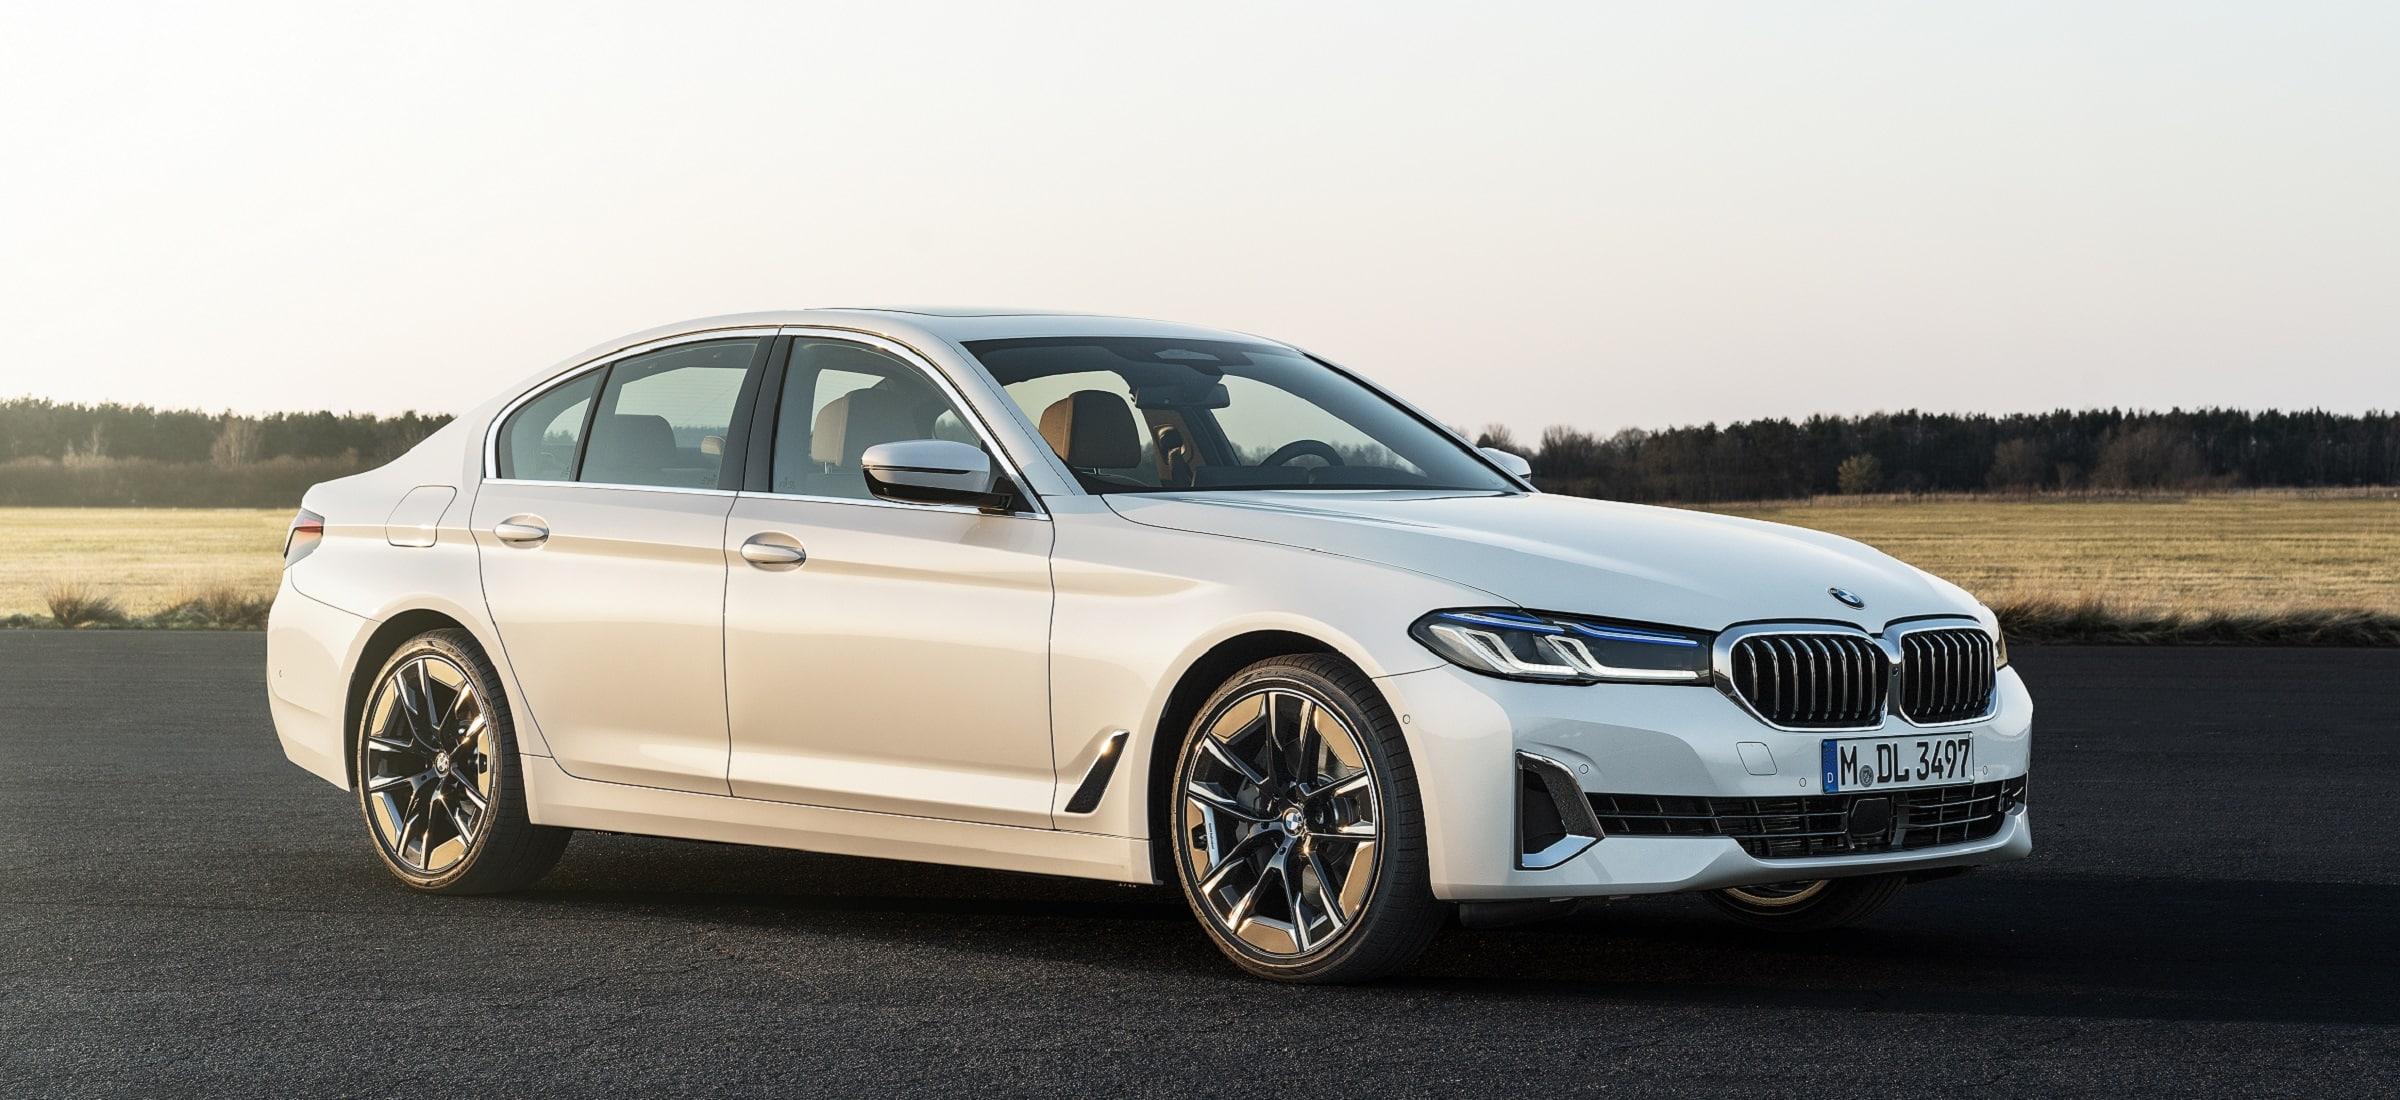 BMW 5er Limousine Facelift